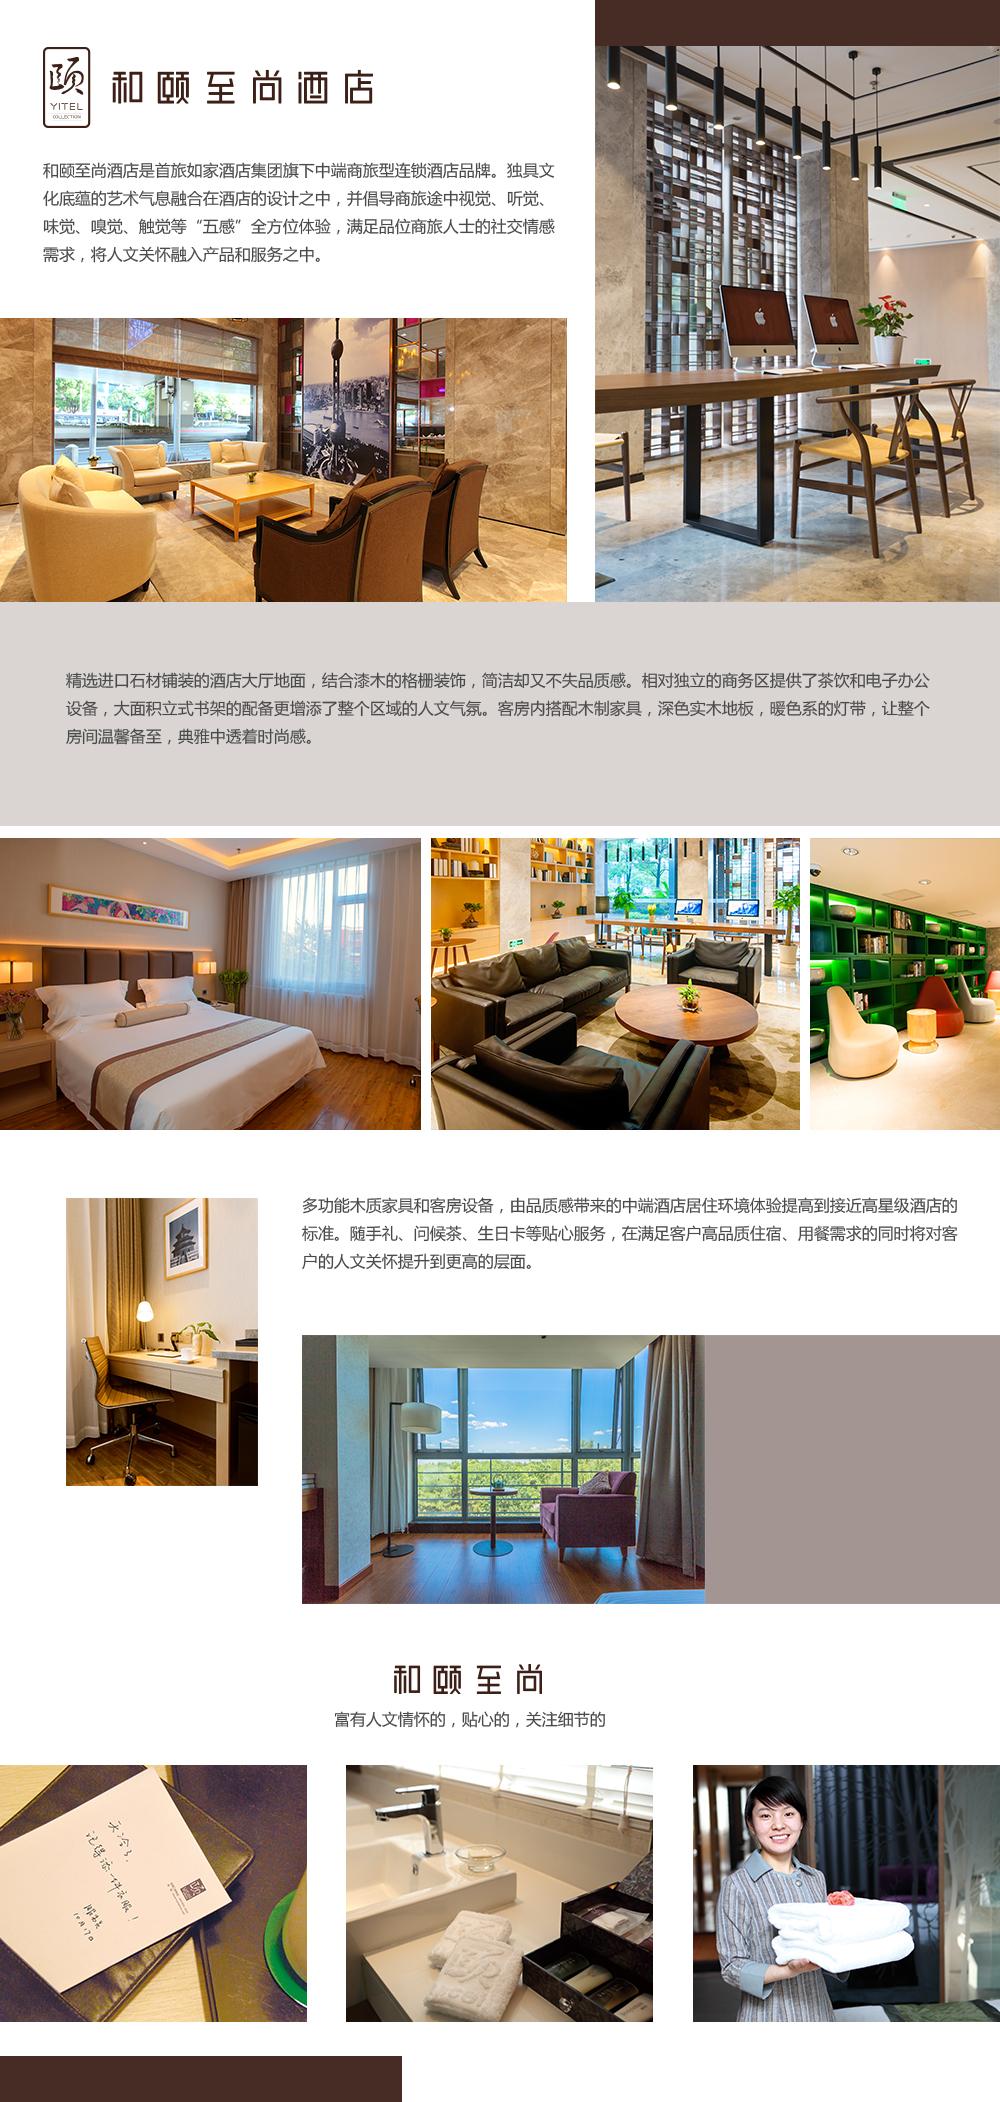 和颐至尚品牌介绍1200-.jpg